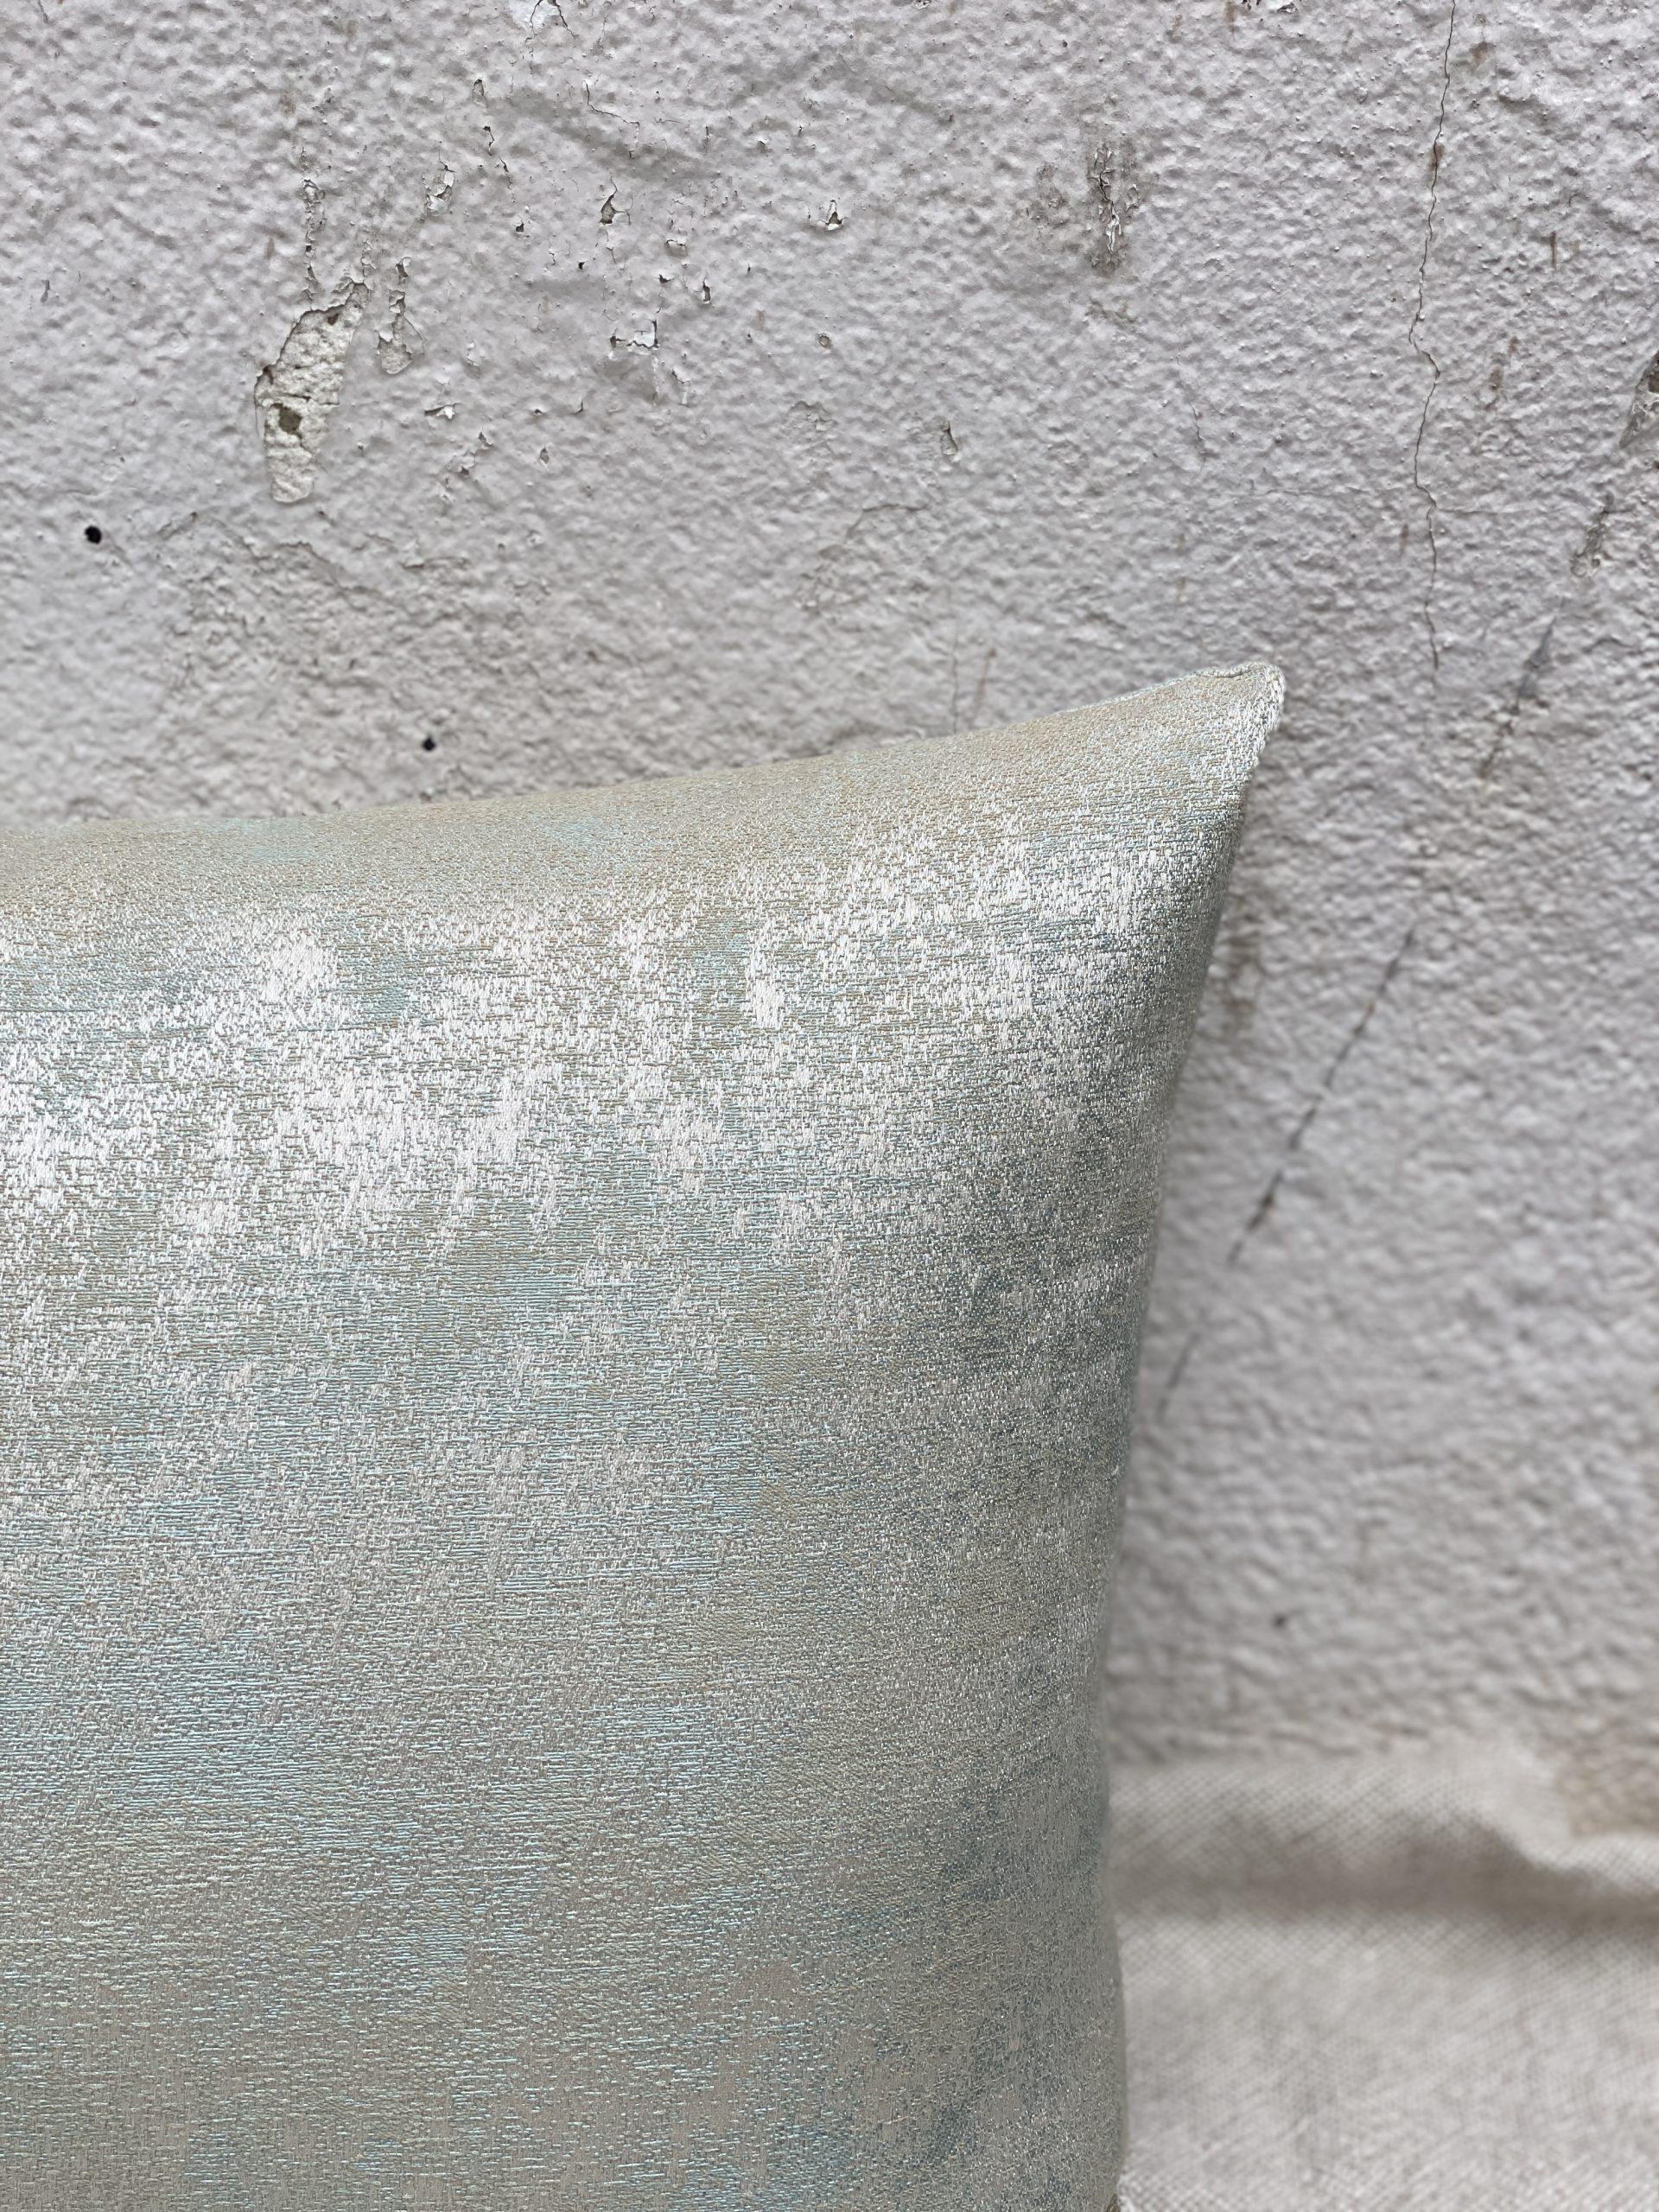 Bart Halpern Pillows